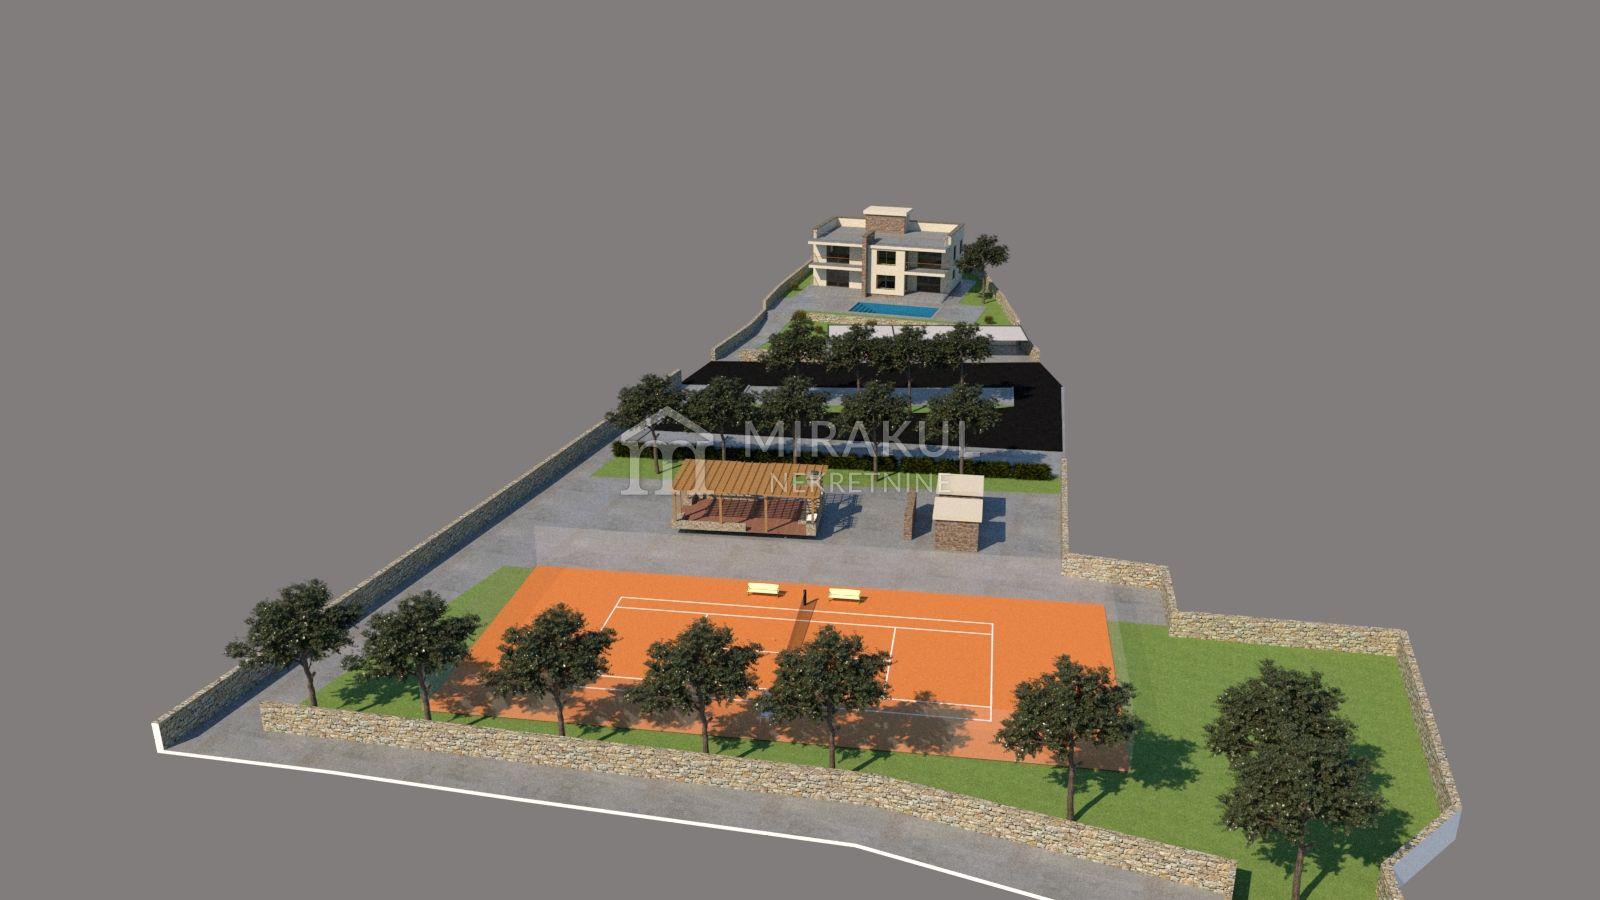 Nekretnine Vodice, Prodaja zemljišta na atraktivnoj lokaciji u prvom redu do mora GV-300, Mirakul nekretnine 3